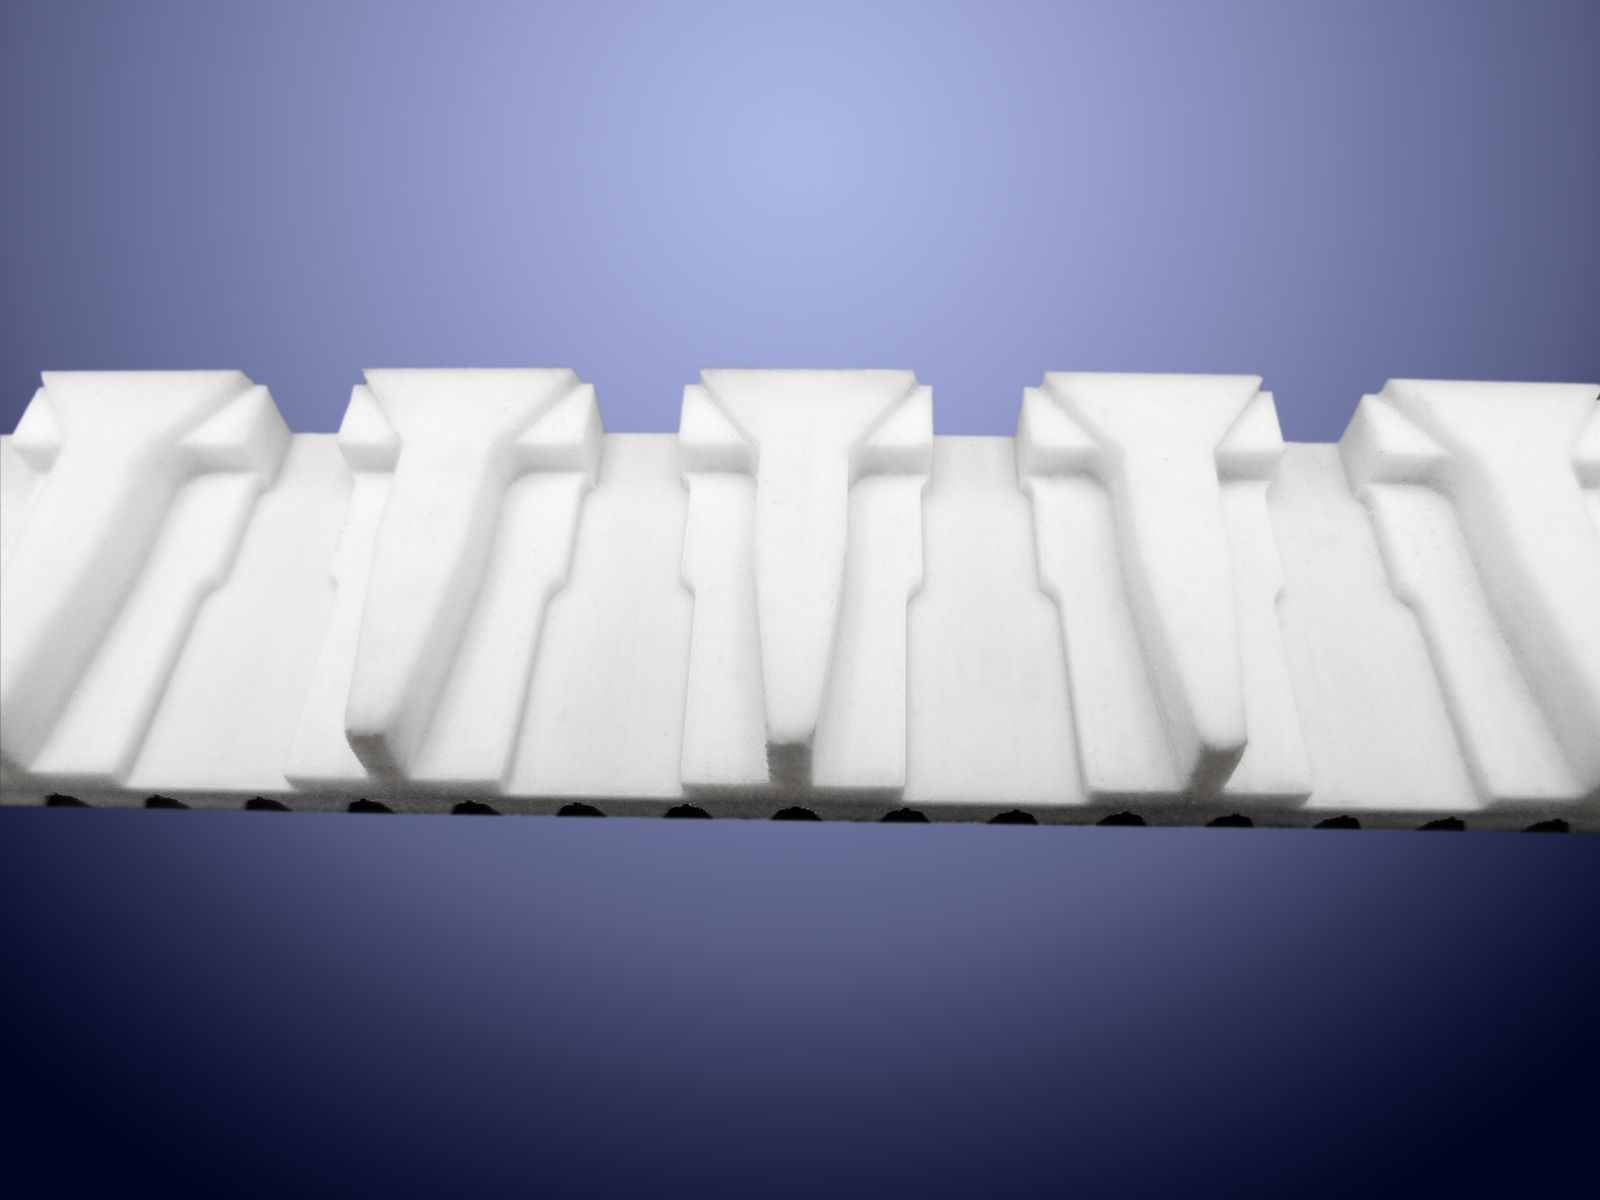 Lavorazioni sagomate su PU 92 sh. per trasporto di monodose nel settore farmaceutico